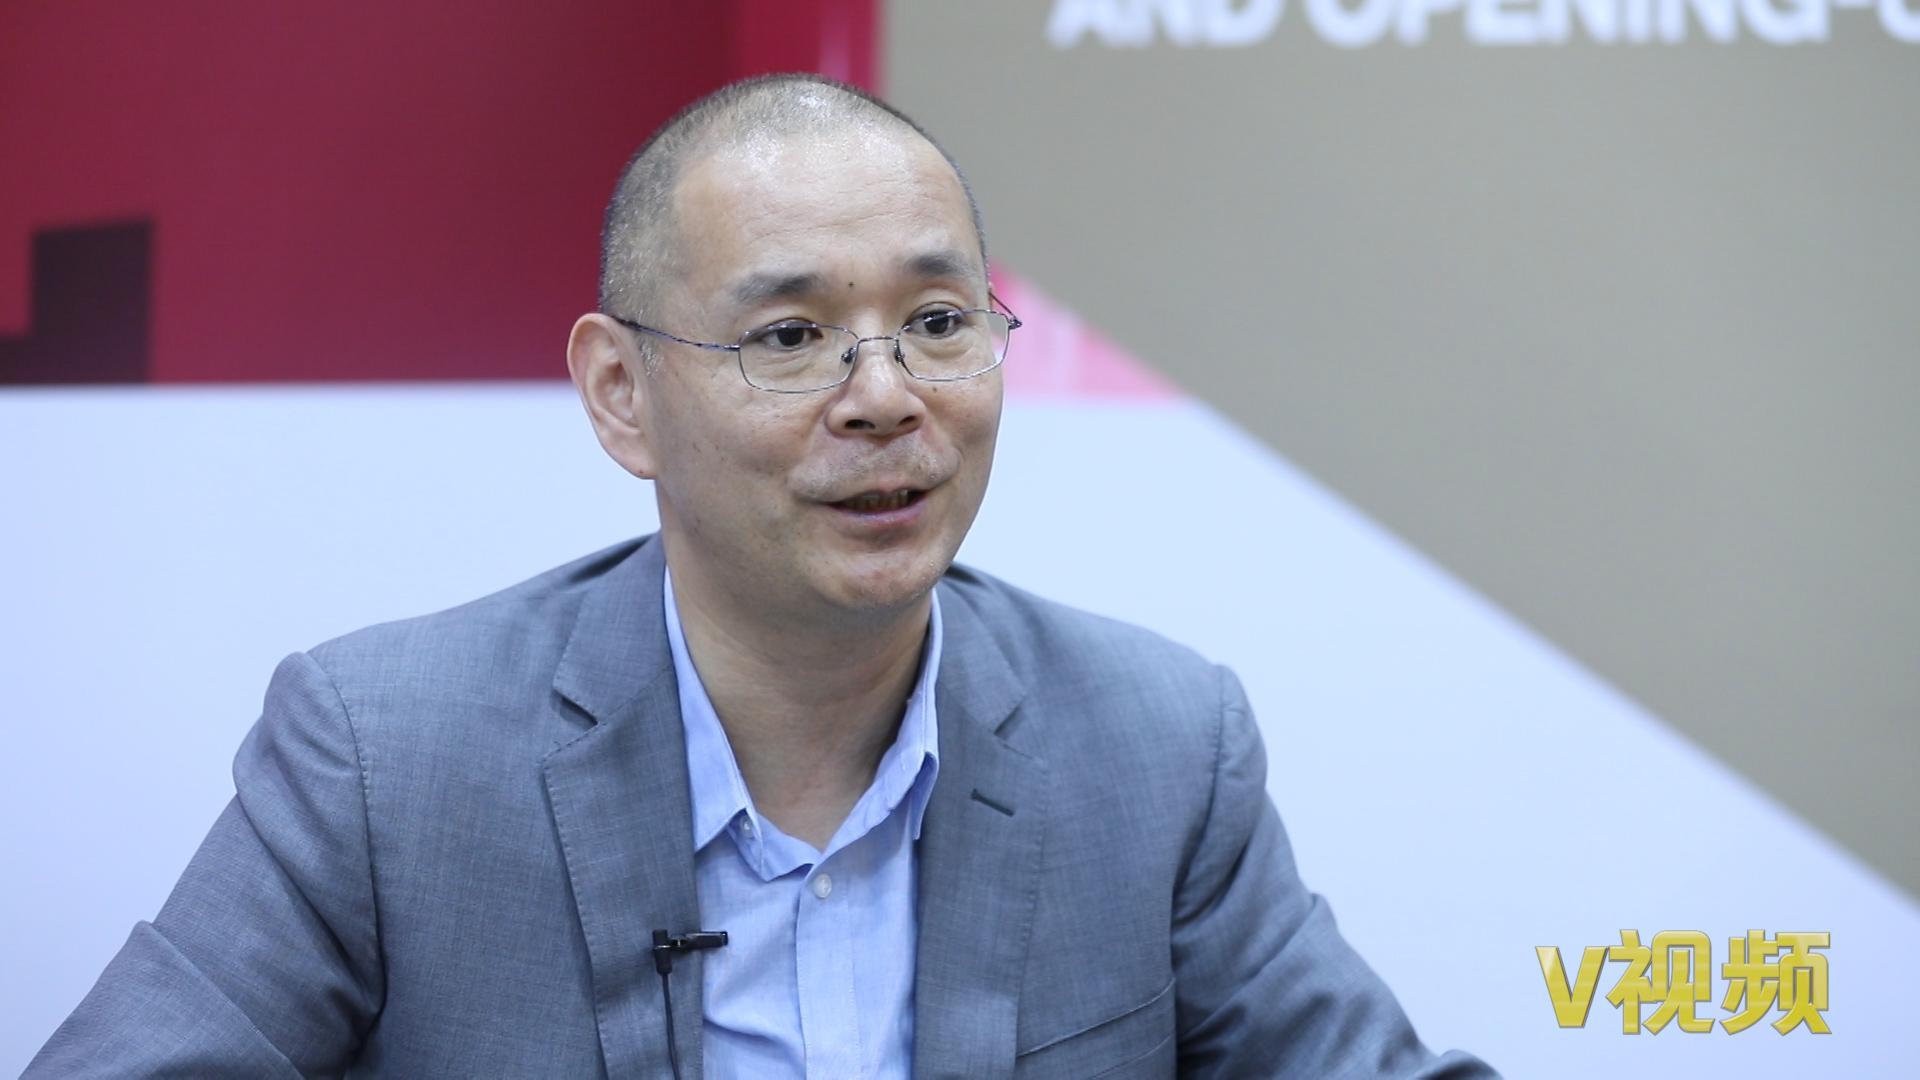 何海峰:税收减免政策帮助企业搞创新